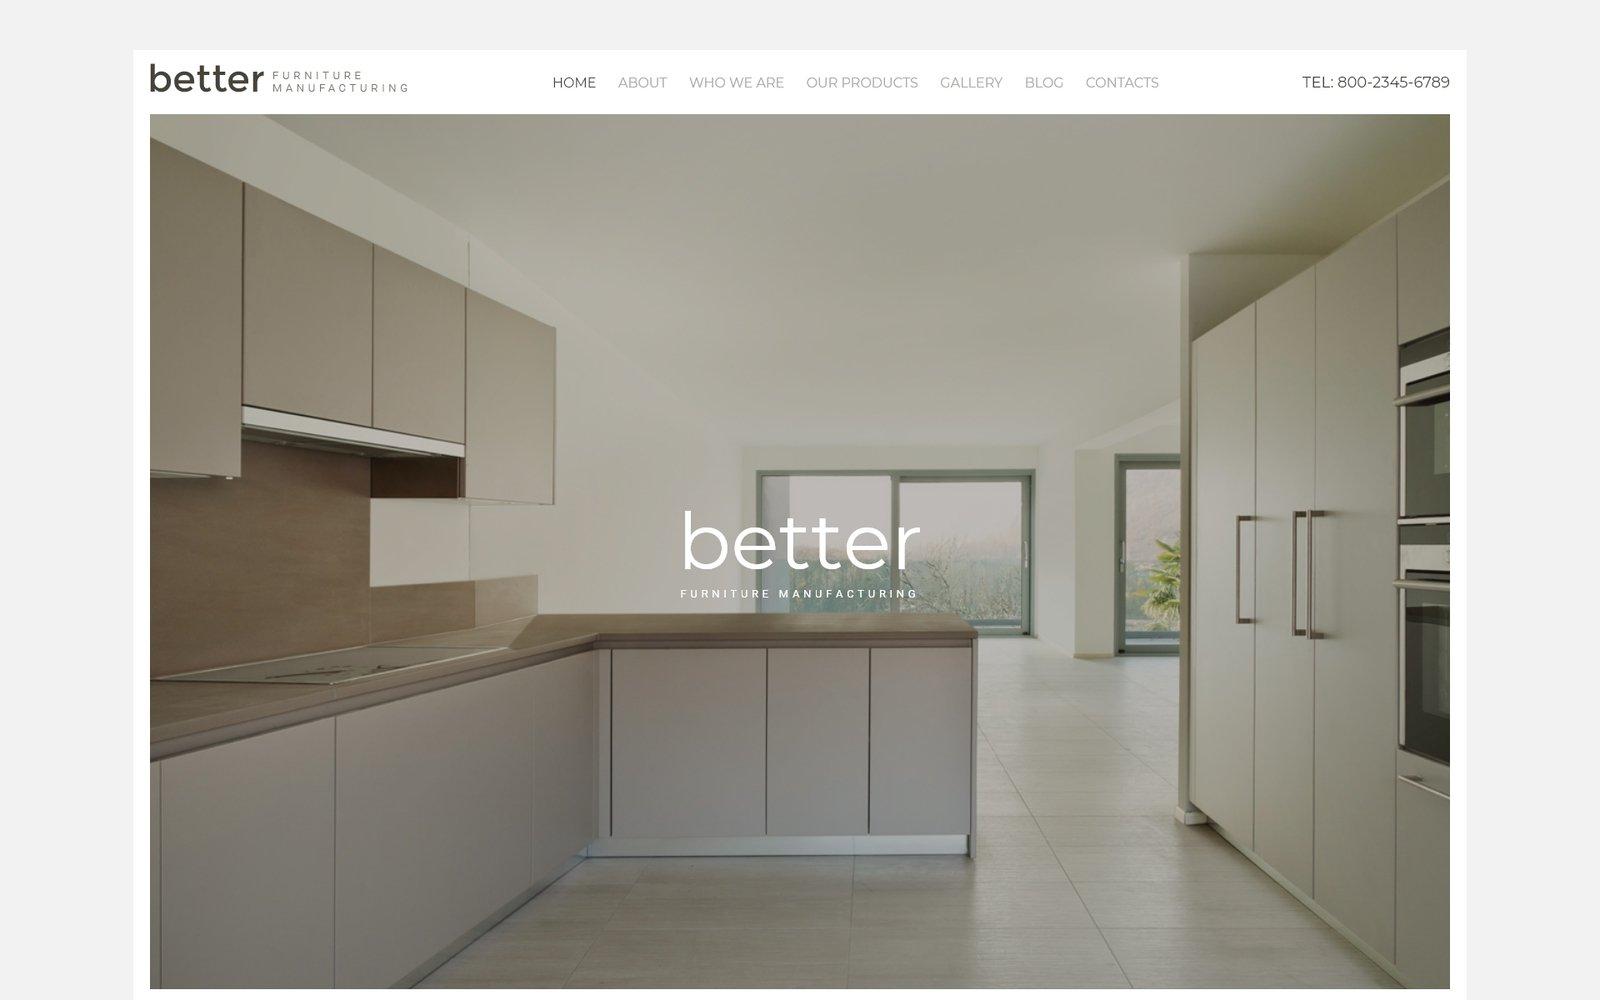 """""""Better - fabrication de meubles"""" modèle web adaptatif #59557 - screenshot"""